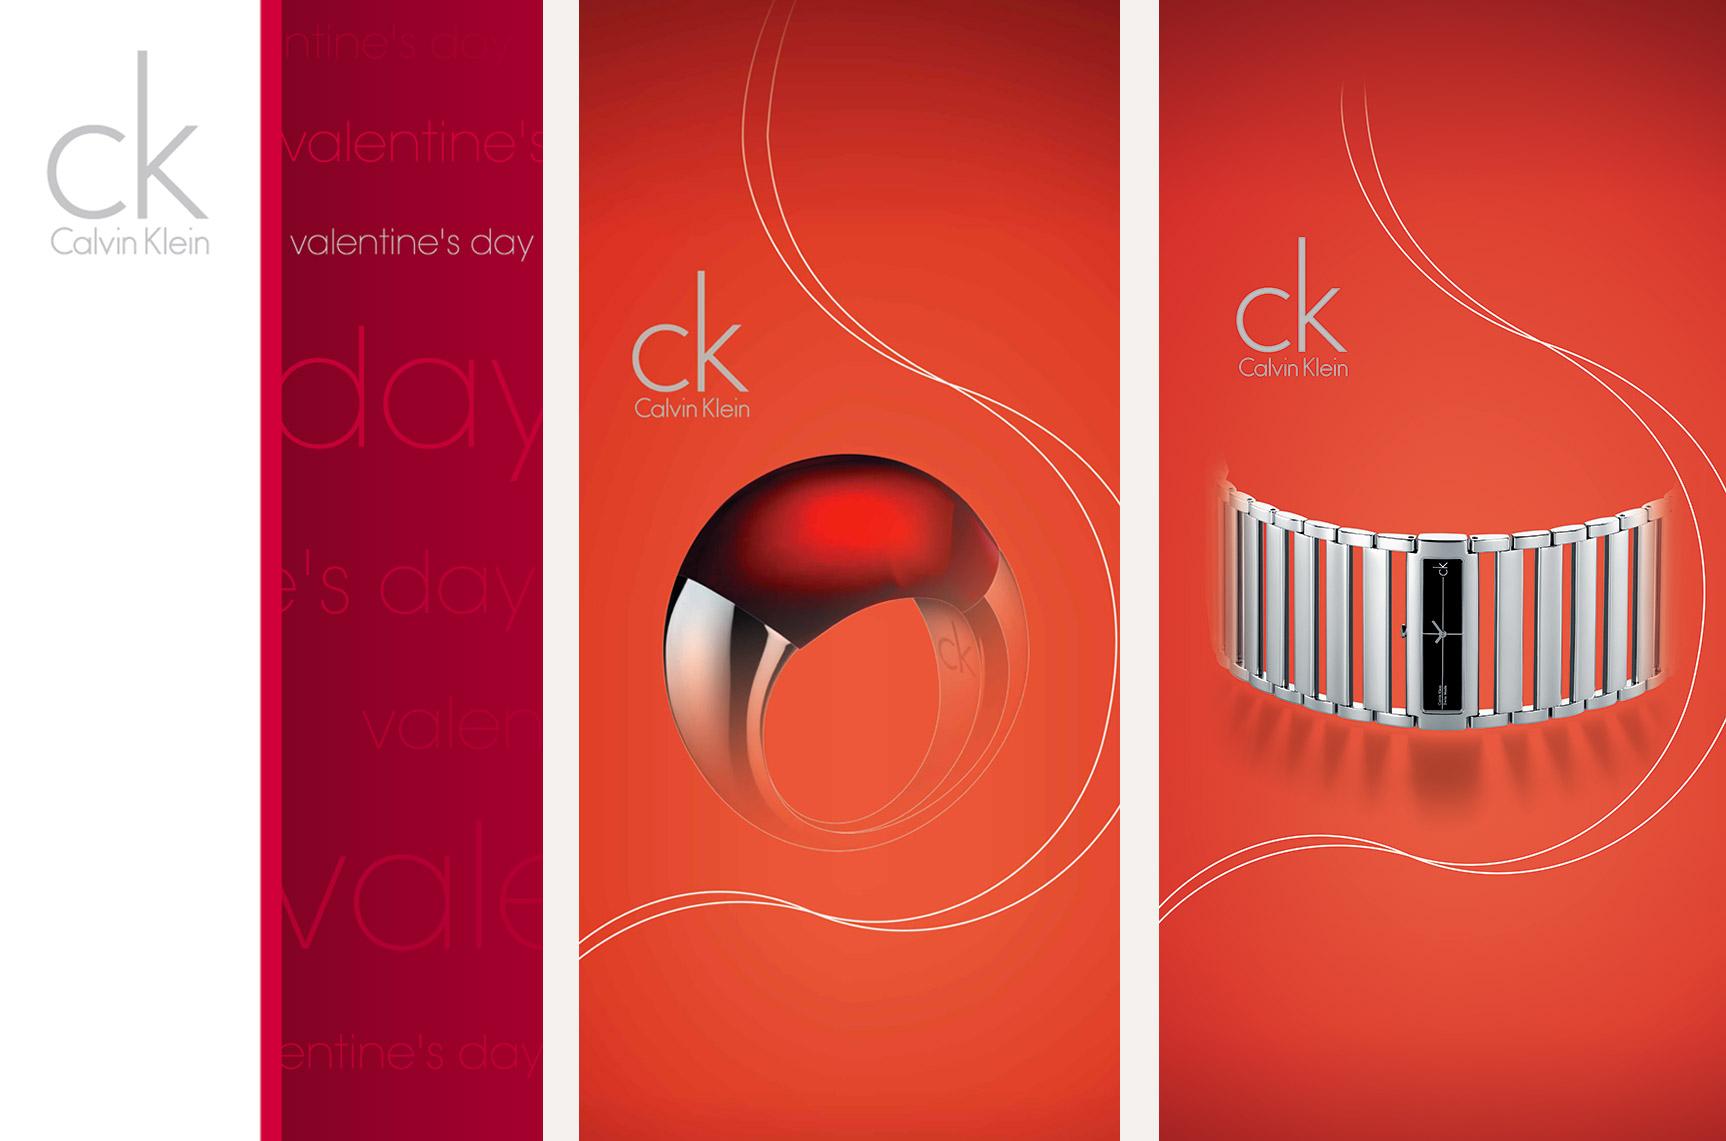 etche-jewellery-calvin-klein-valentines-visuel